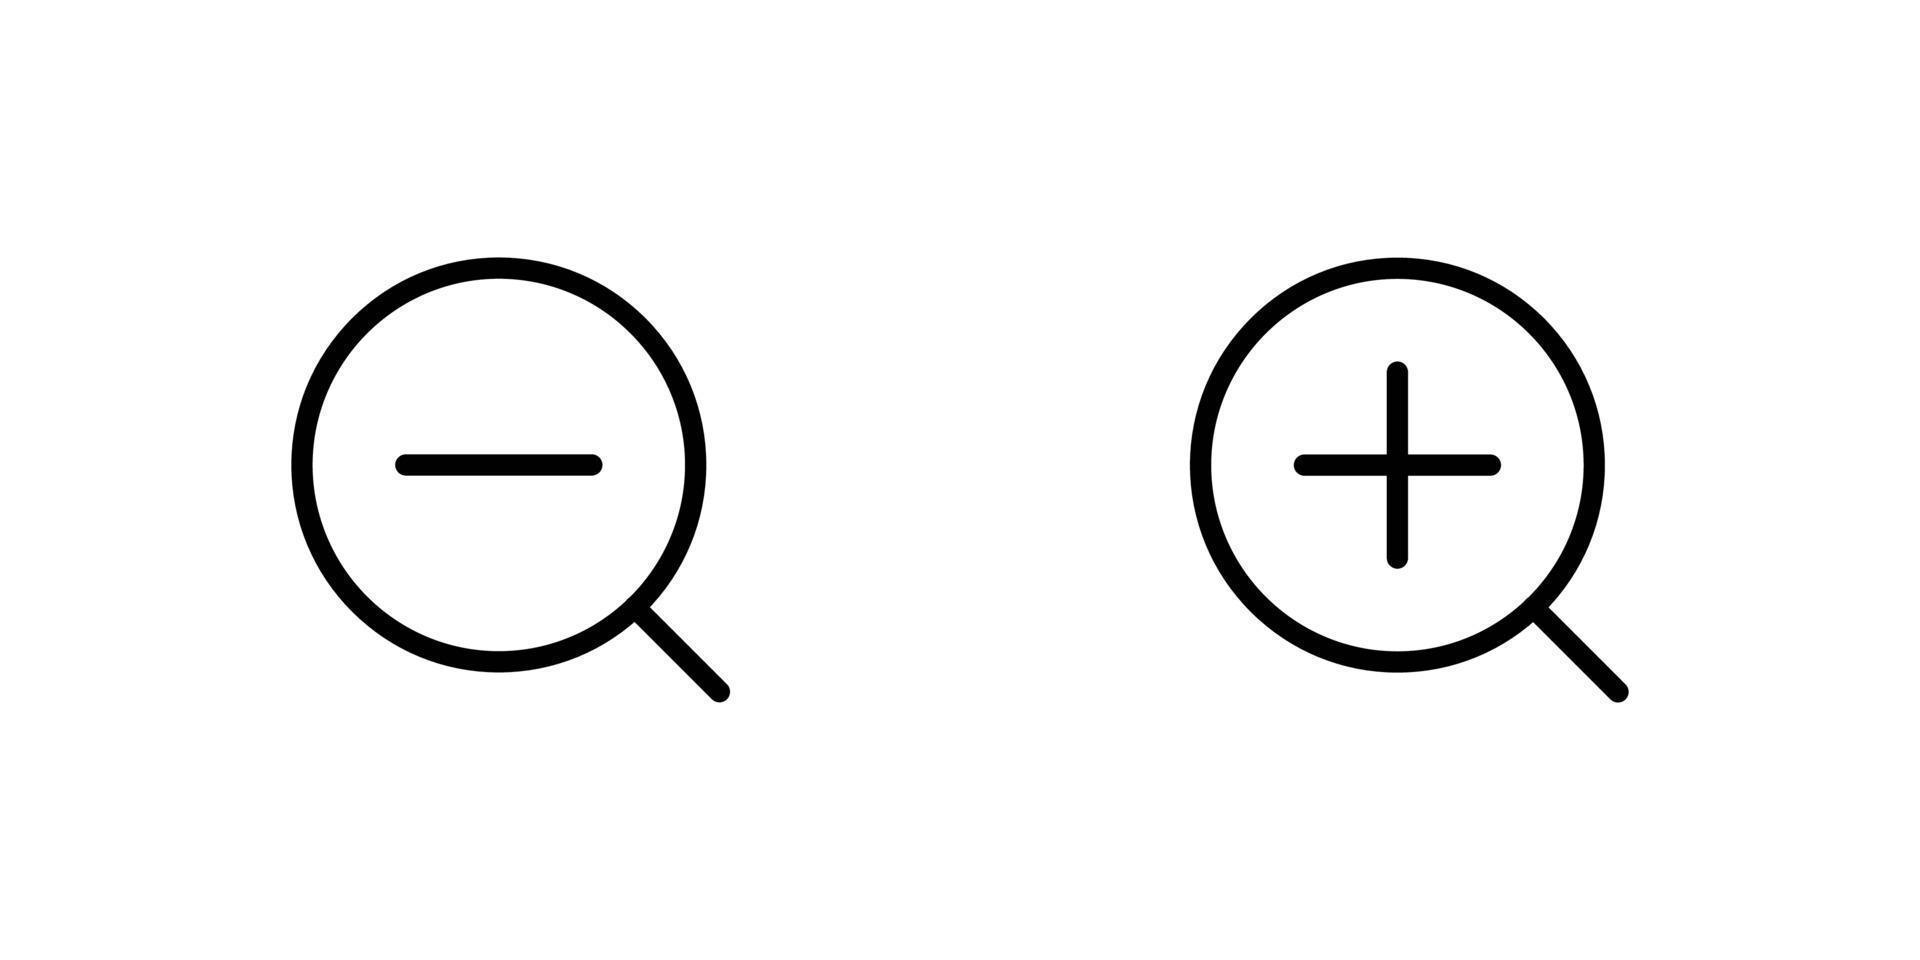 ingrandire e rimpicciolire le icone piane impostate vettore